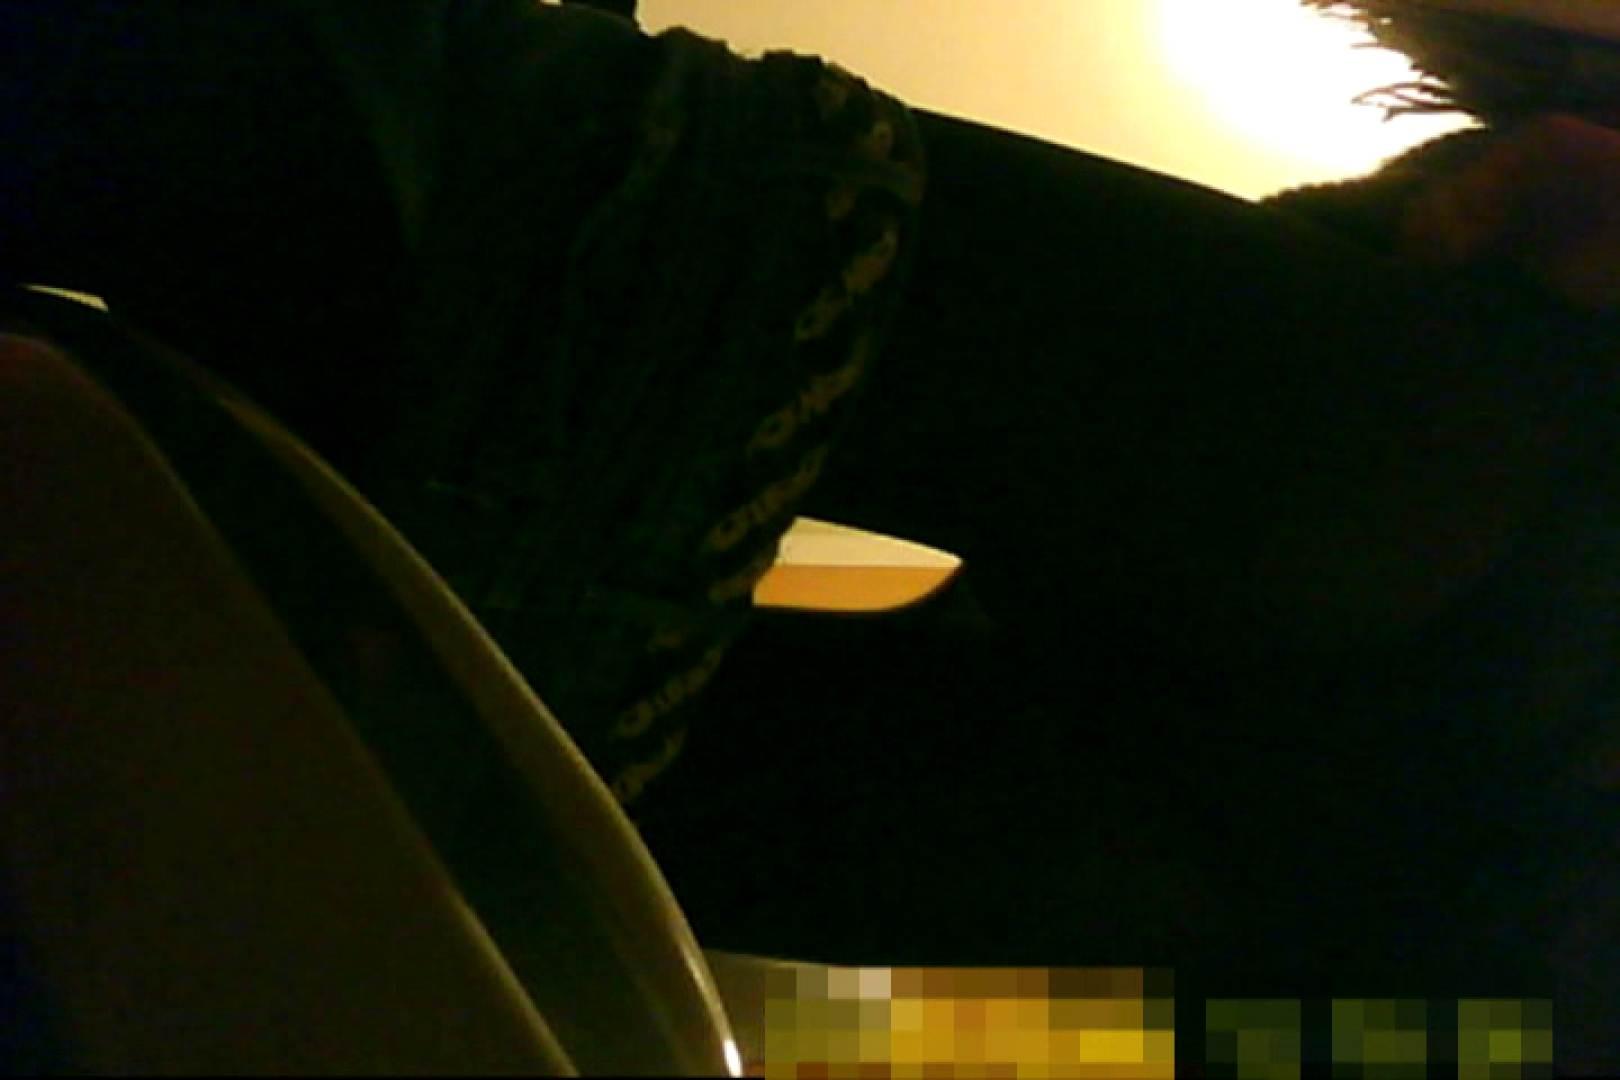 魅惑の化粧室~禁断のプライベート空間~vol.10 美しいOLの裸体 | プライベート  102pic 97